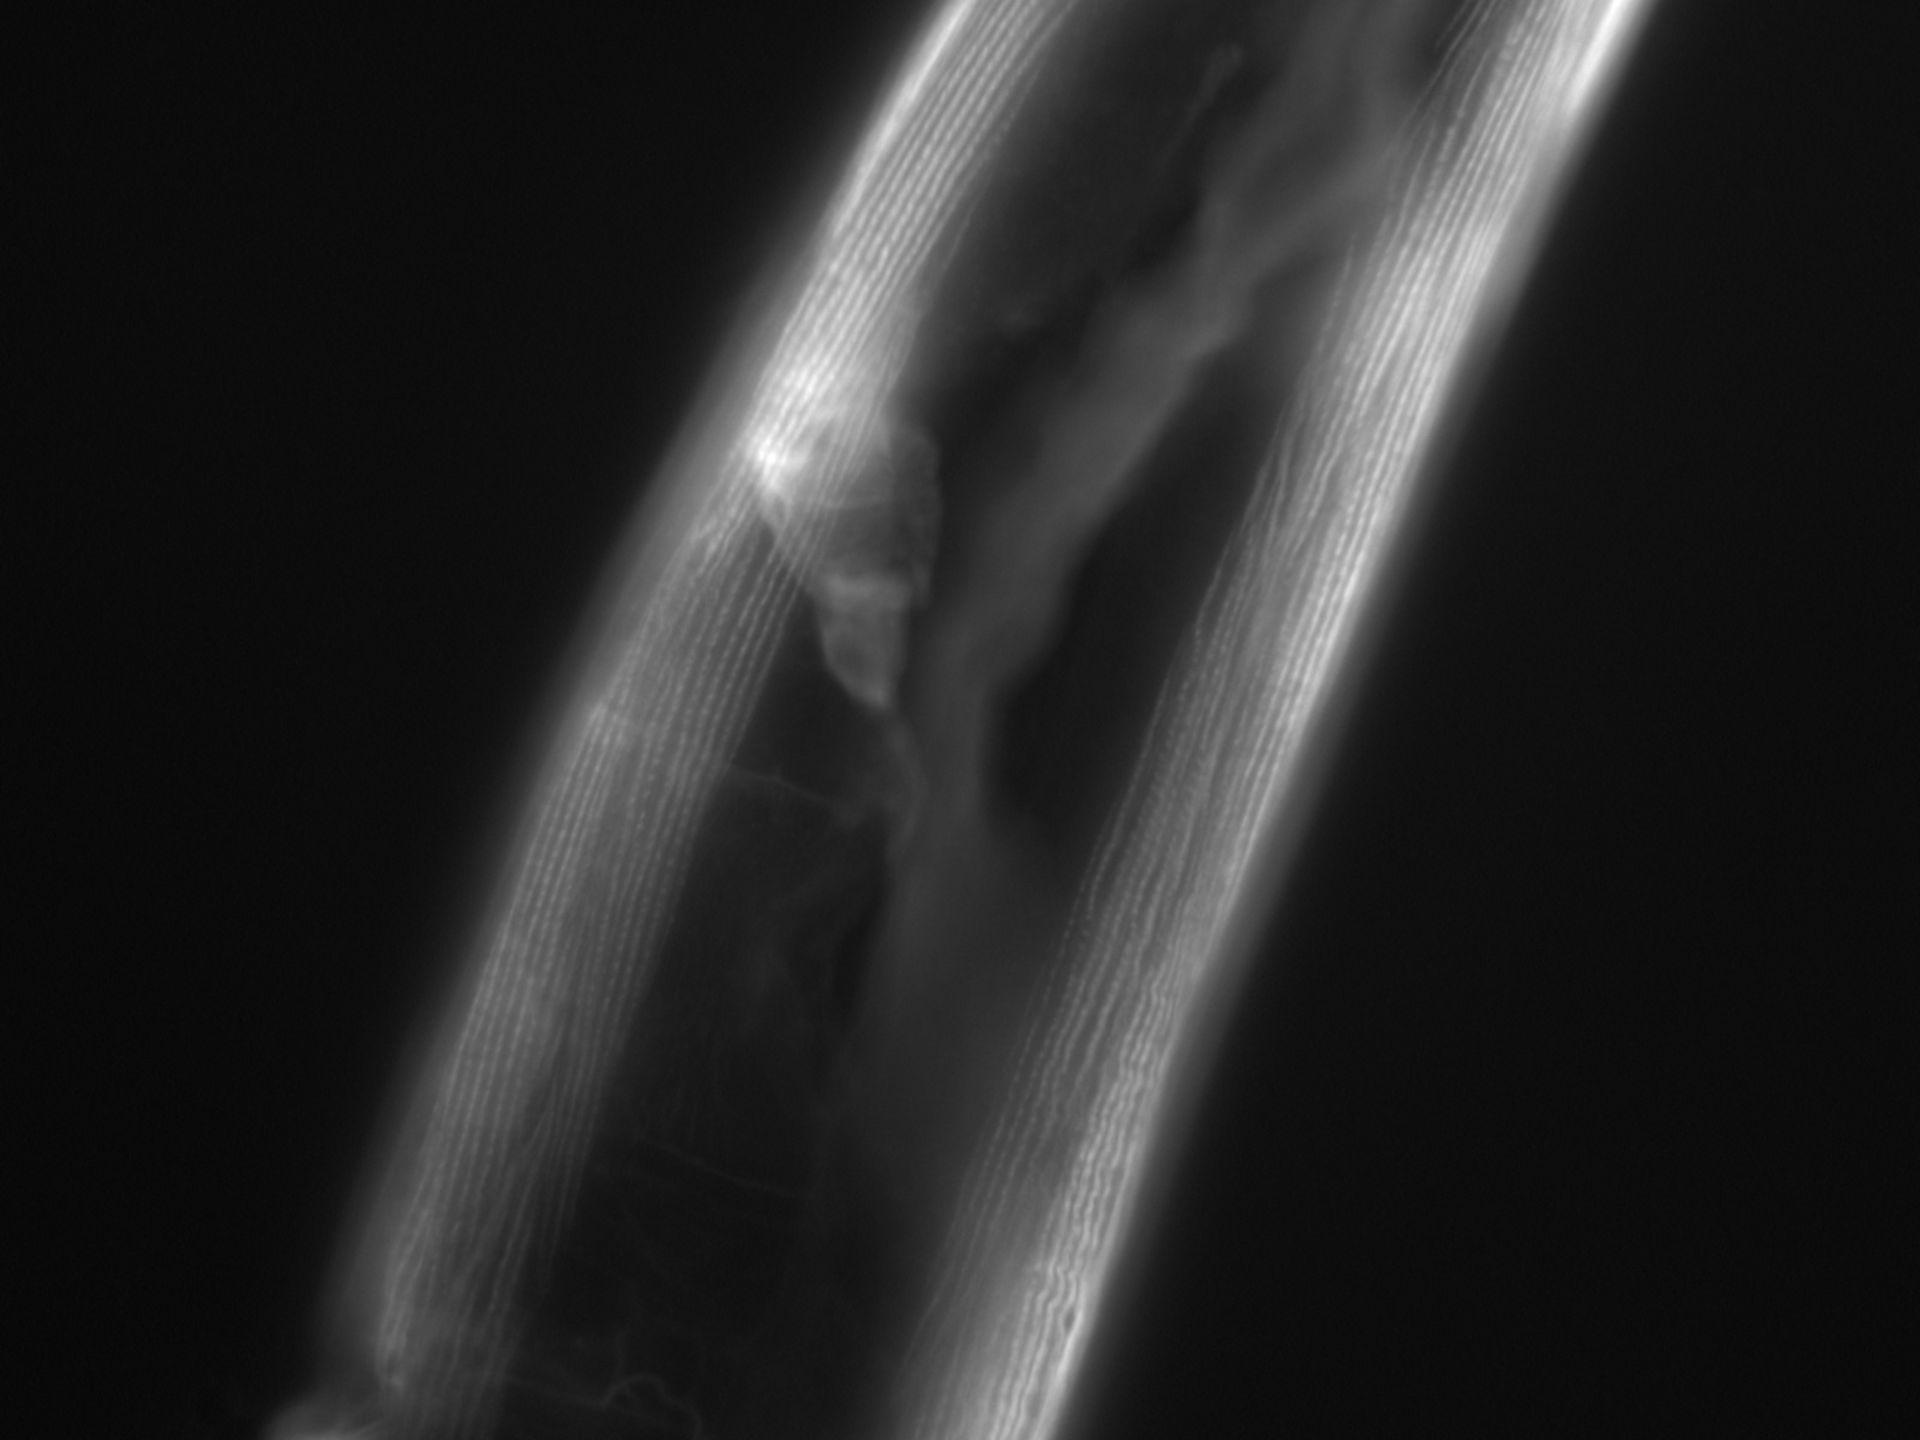 Caenorhabditis elegans (Actin filament) - CIL:1064